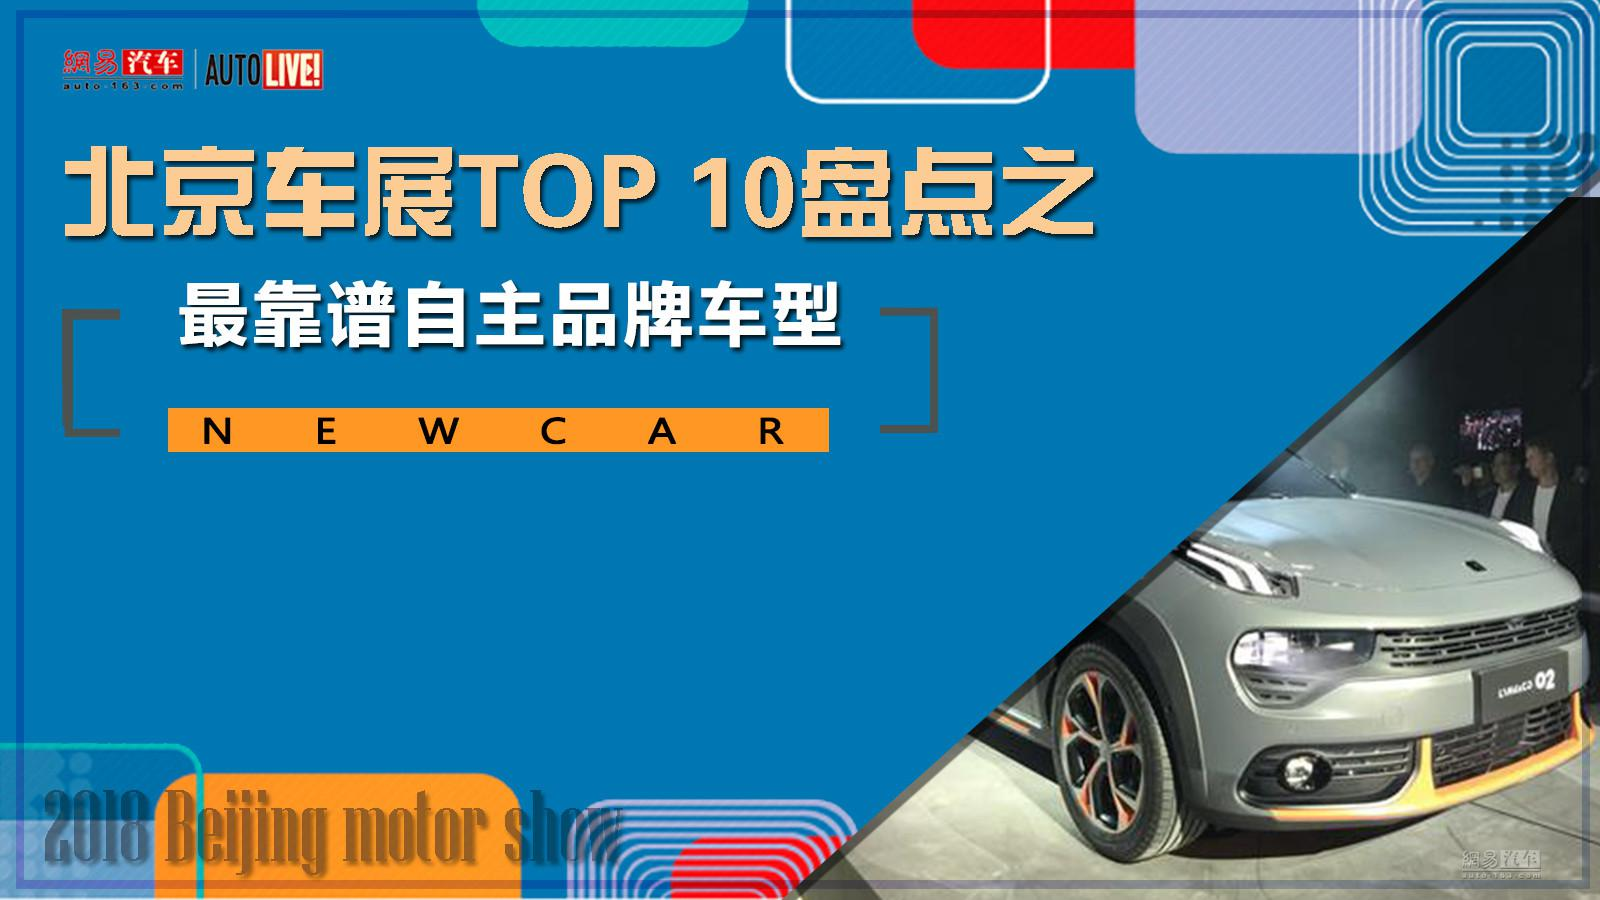 SUV占比80% 北京车展TOP10之靠谱自主车型